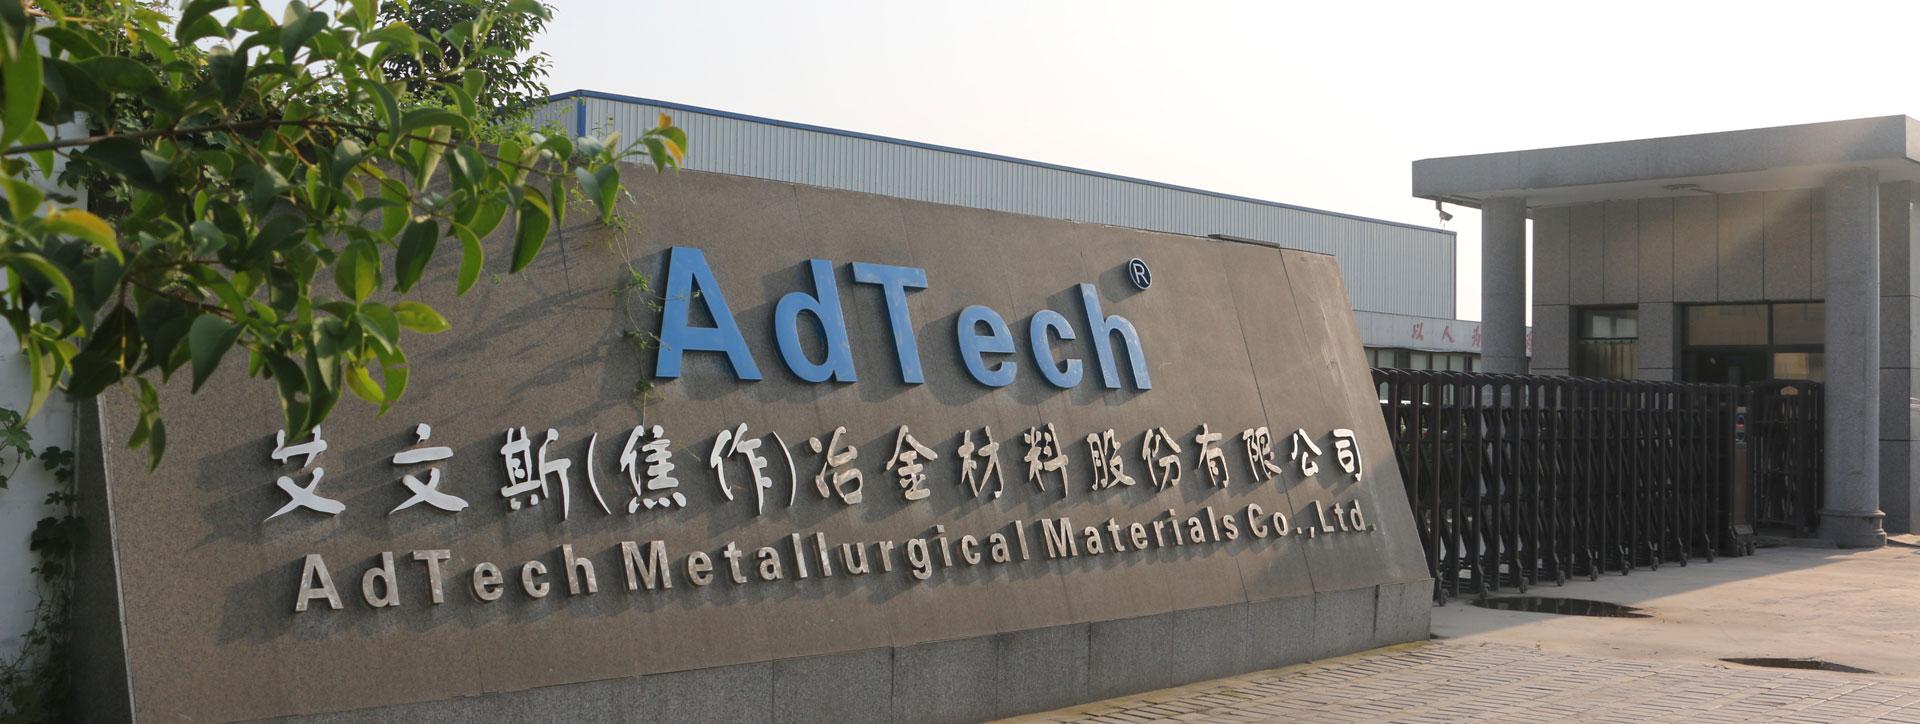 AdTech Metallurgical Materials Co.,Ltd.